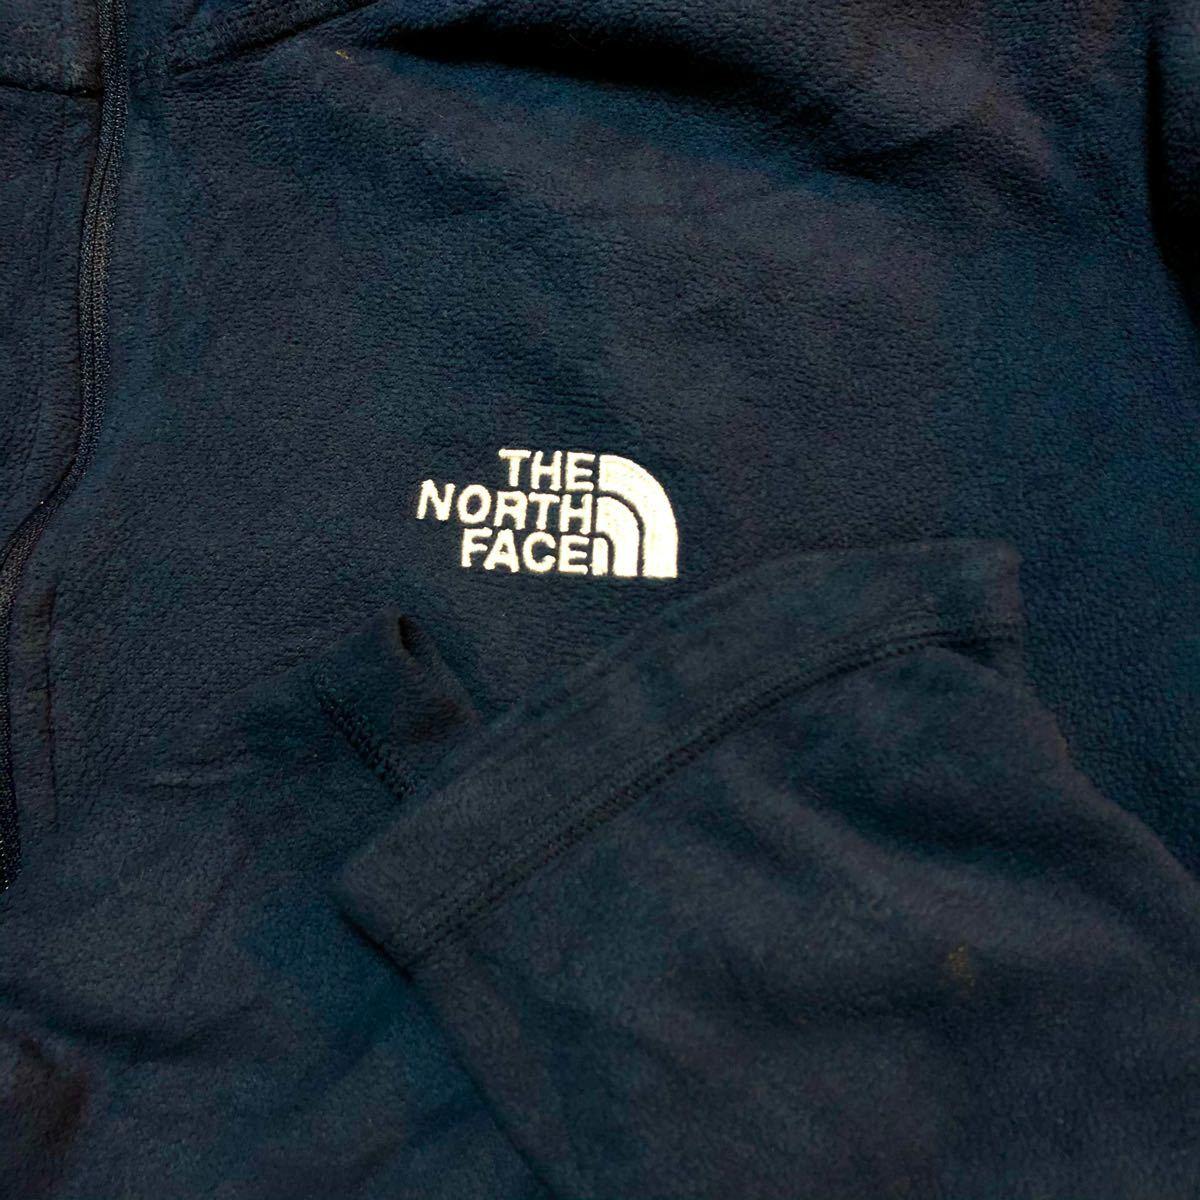 ザ ノースフェイス プルオーバー フリースジャケット古着 ハーフジップ メンズM THE NORTH FACE フリース